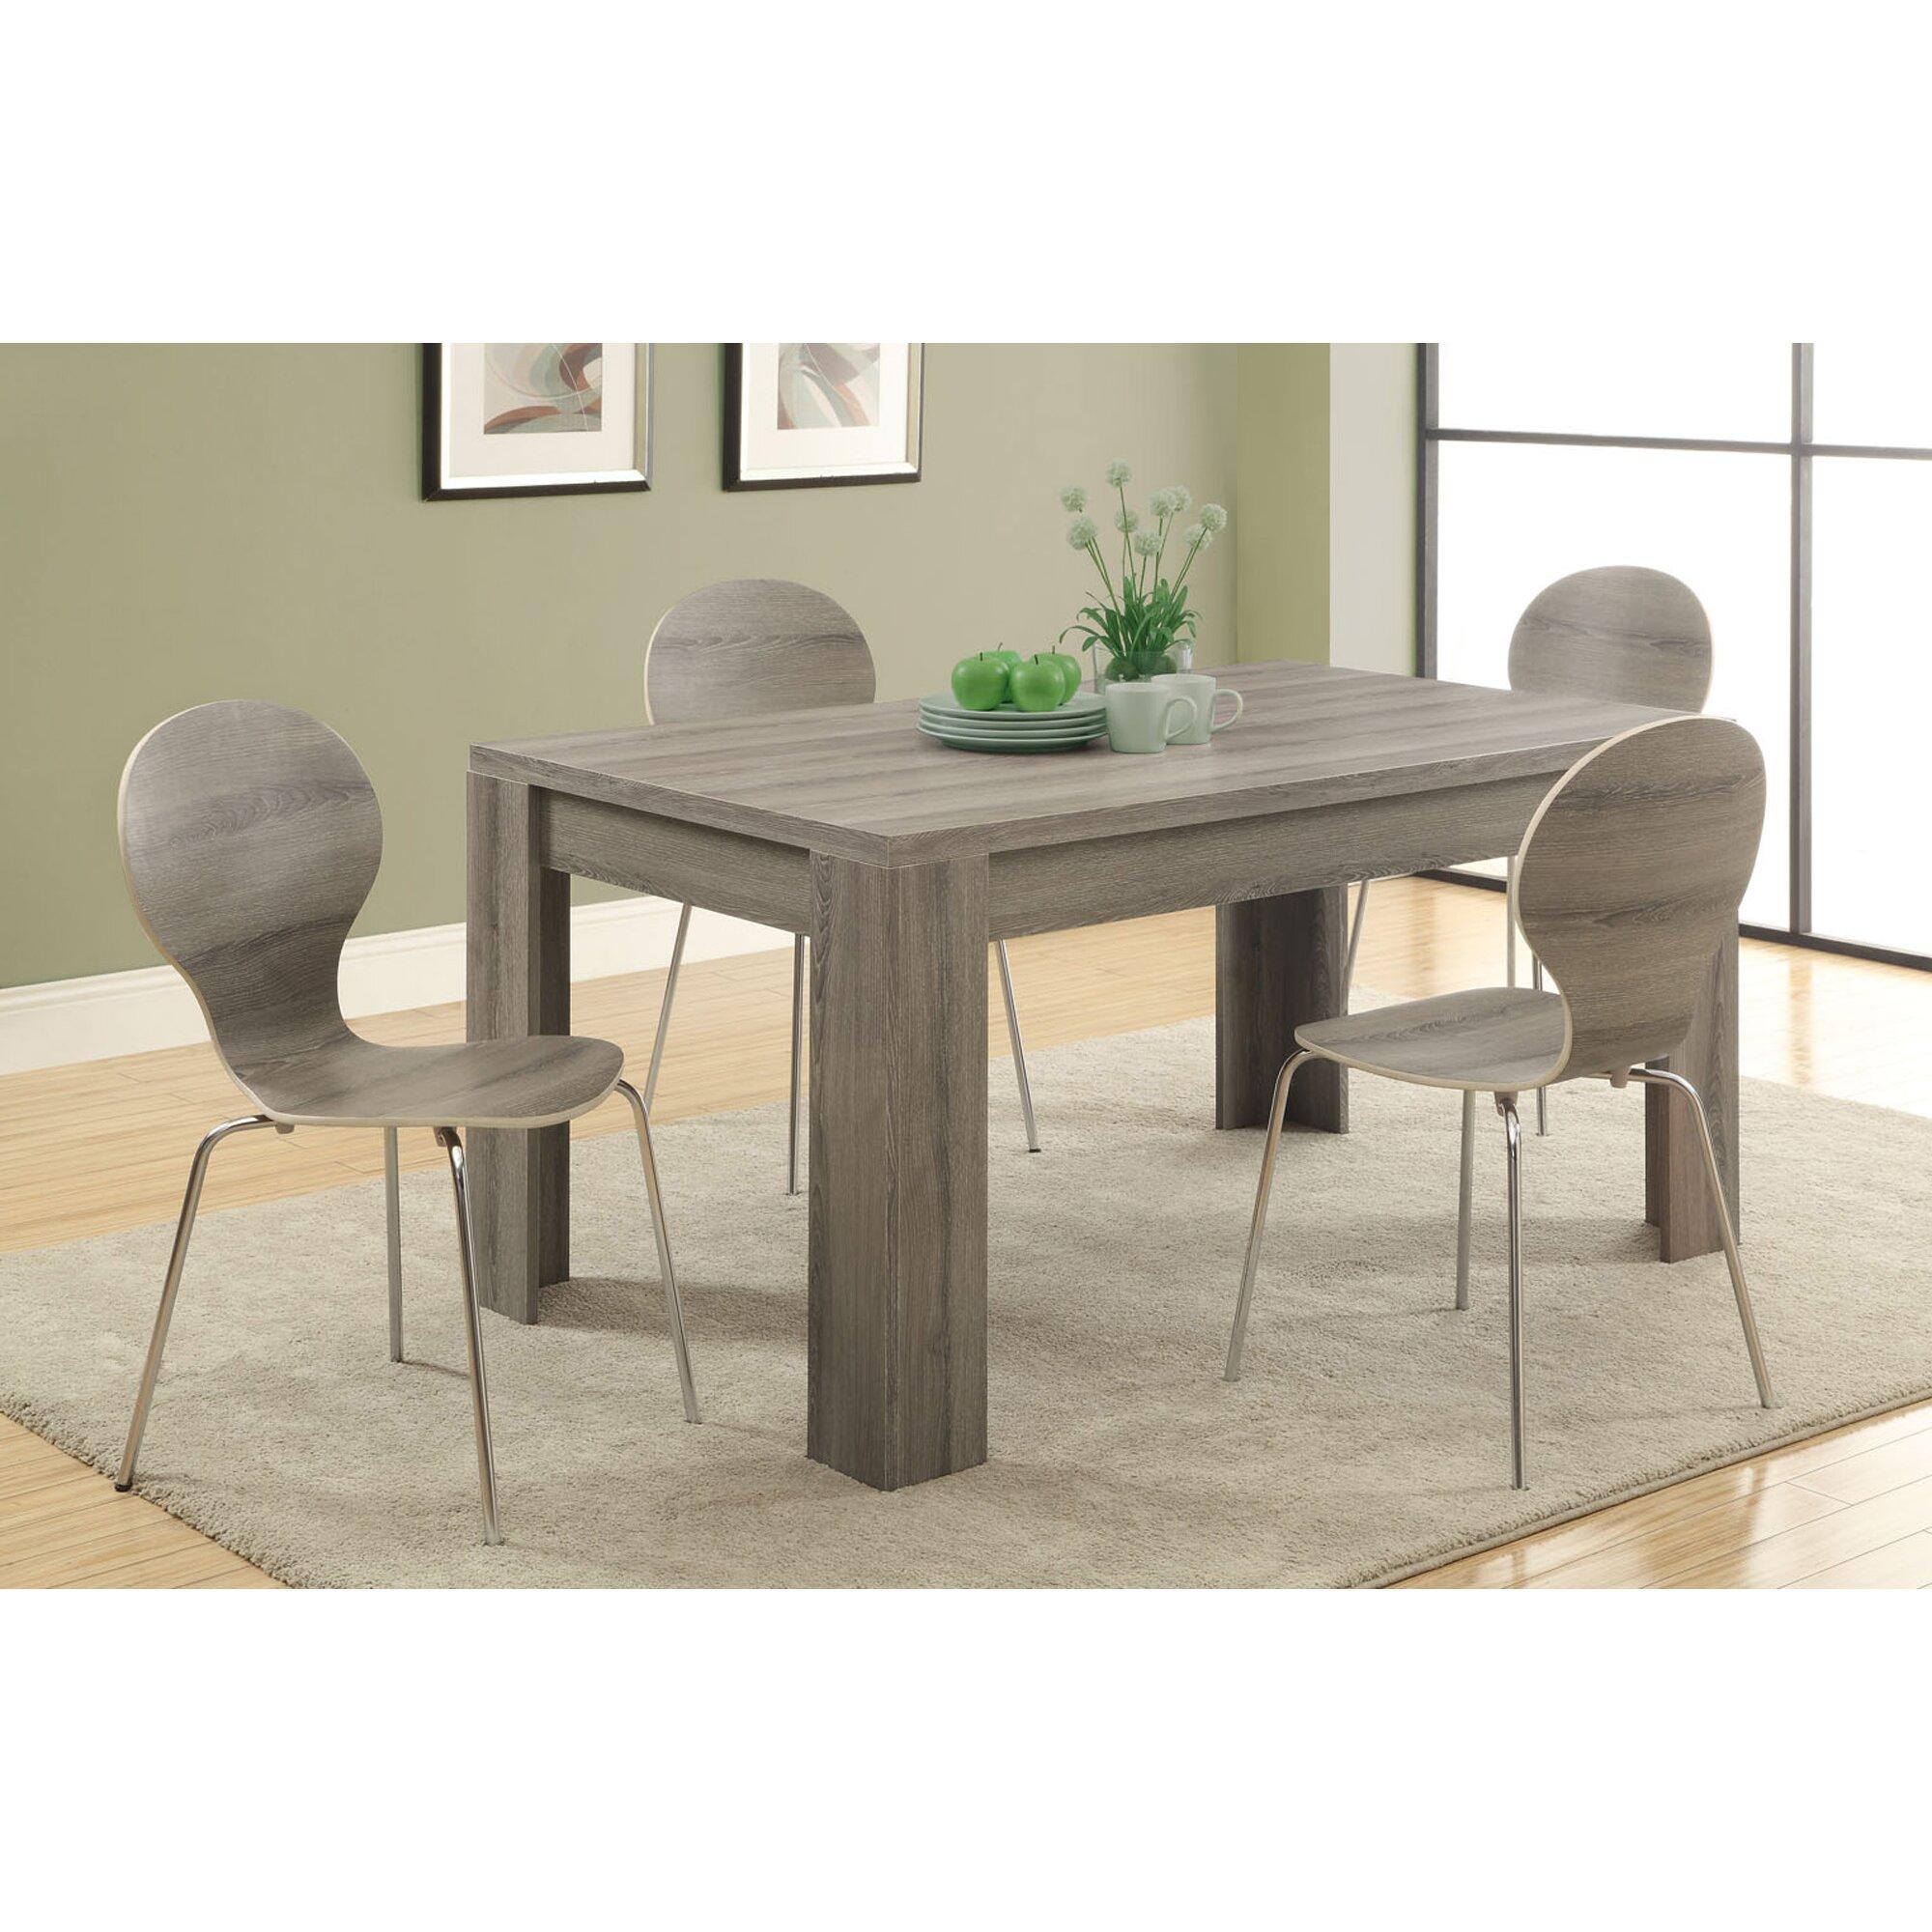 trent austin design kamakou dining table reviews wayfair